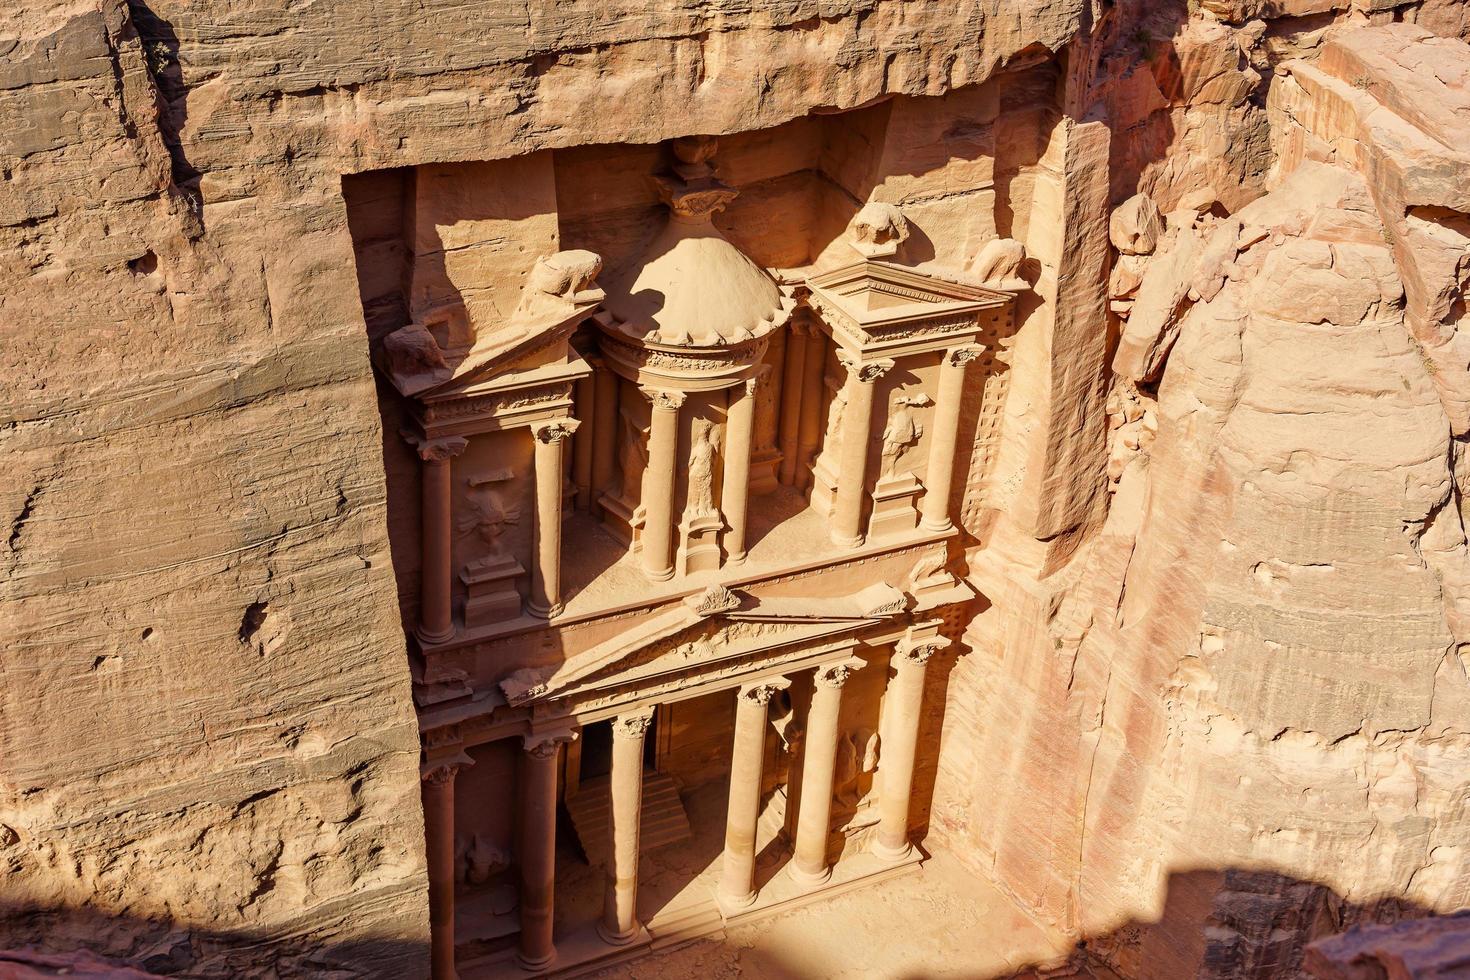 Vue aérienne du Trésor, al Khazneh dans l'ancienne ville de Petra, Jordanie photo